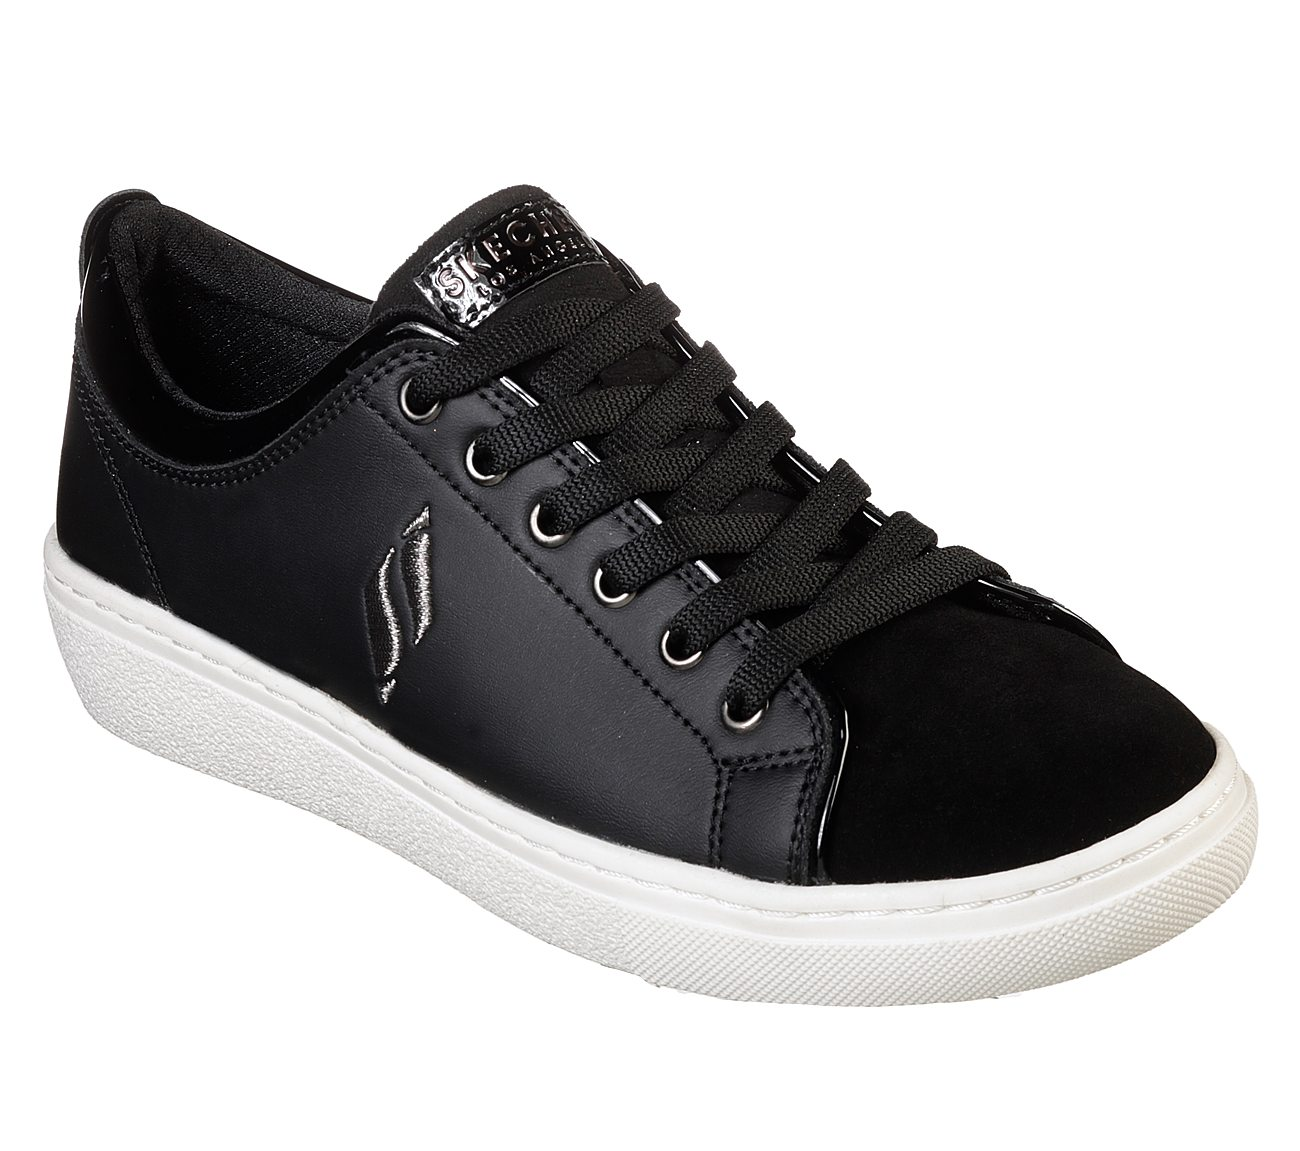 6c895187de0e Buy SKECHERS Goldie - Street Sleak SKECHER Street Shoes only  38.50